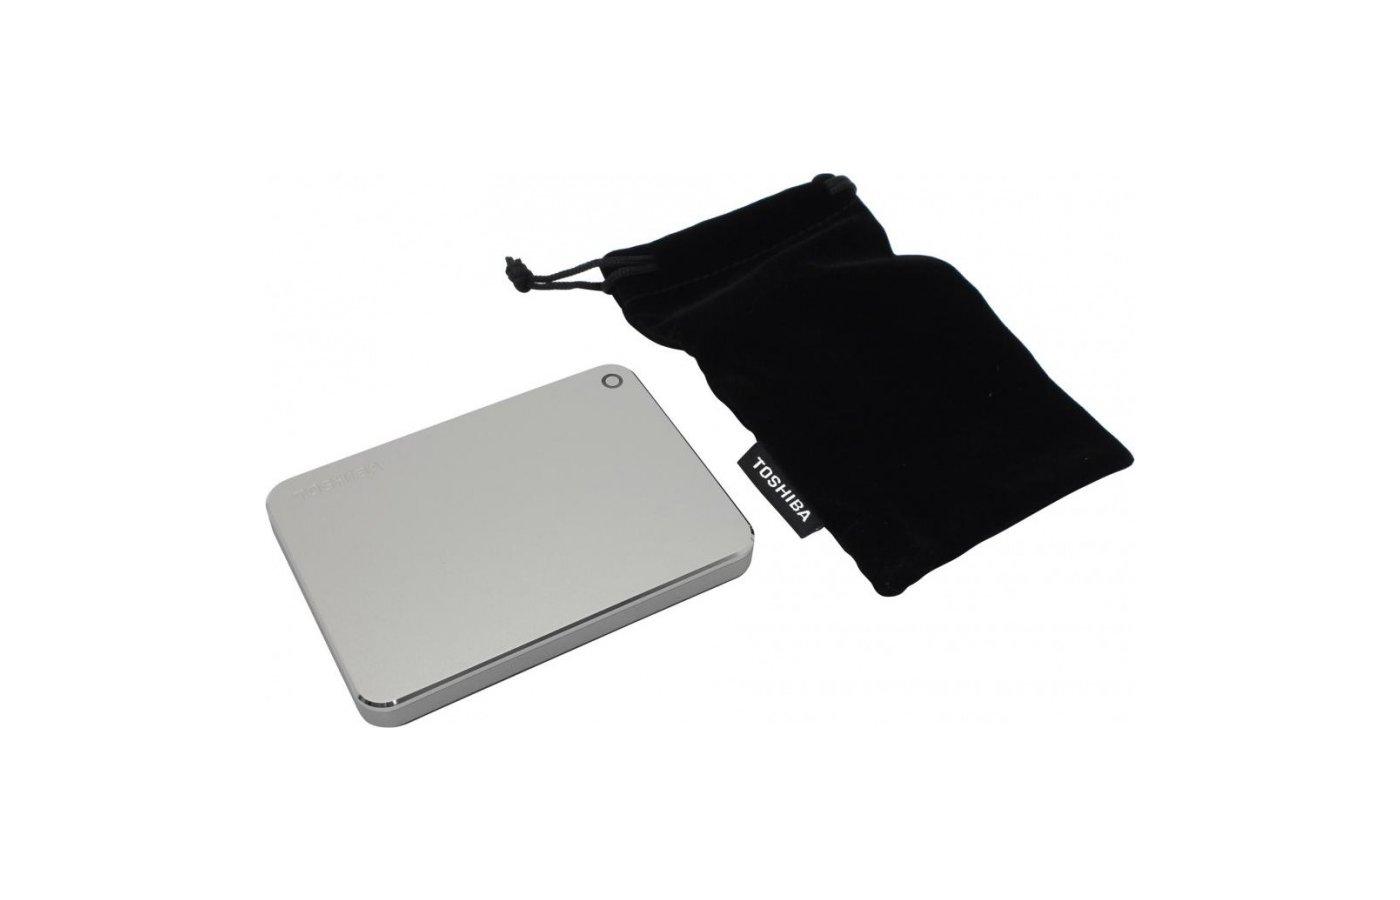 """Внешний жесткий диск Toshiba HDTW110ECMAA 1Tb Canvio Premium for Mac 2.5"""" серебристый"""